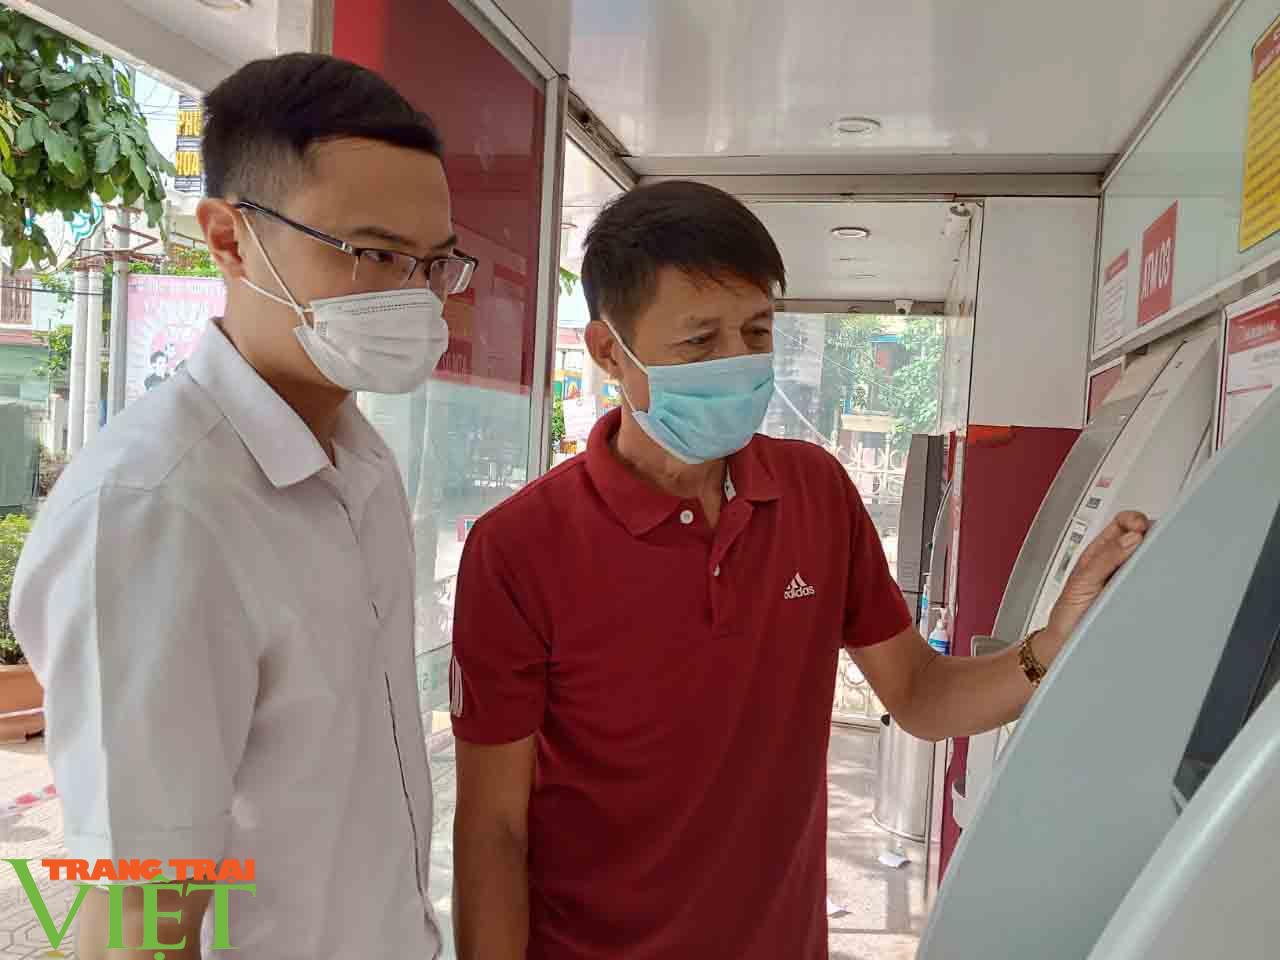 Hiệu quả từ máy CDM tại chi nhánh Agribank Phù Yên - Ảnh 2.